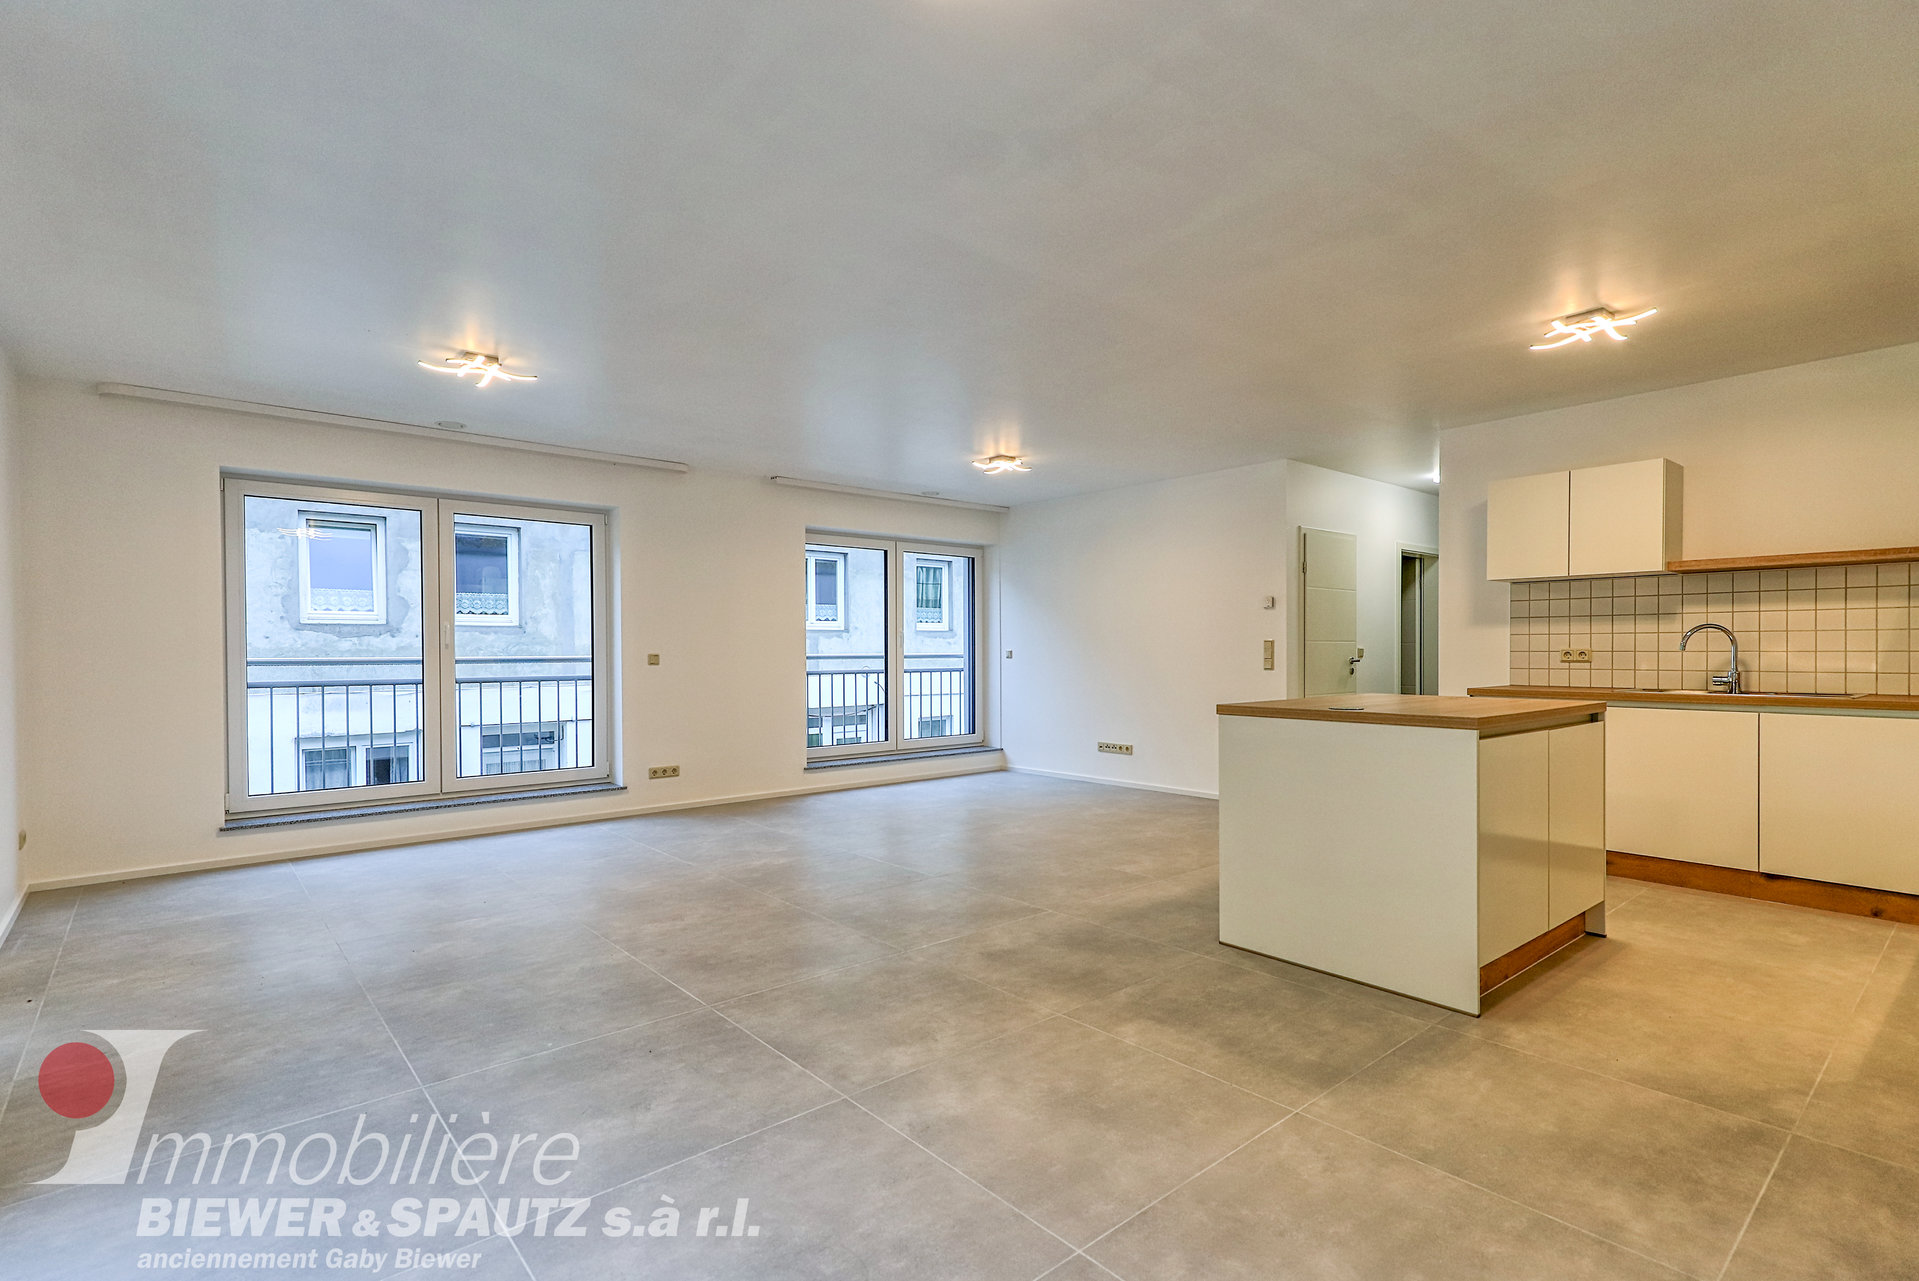 ZU VERMIETEN - Neue Wohnung mit 2 Schlafzimmern in Blumenthal